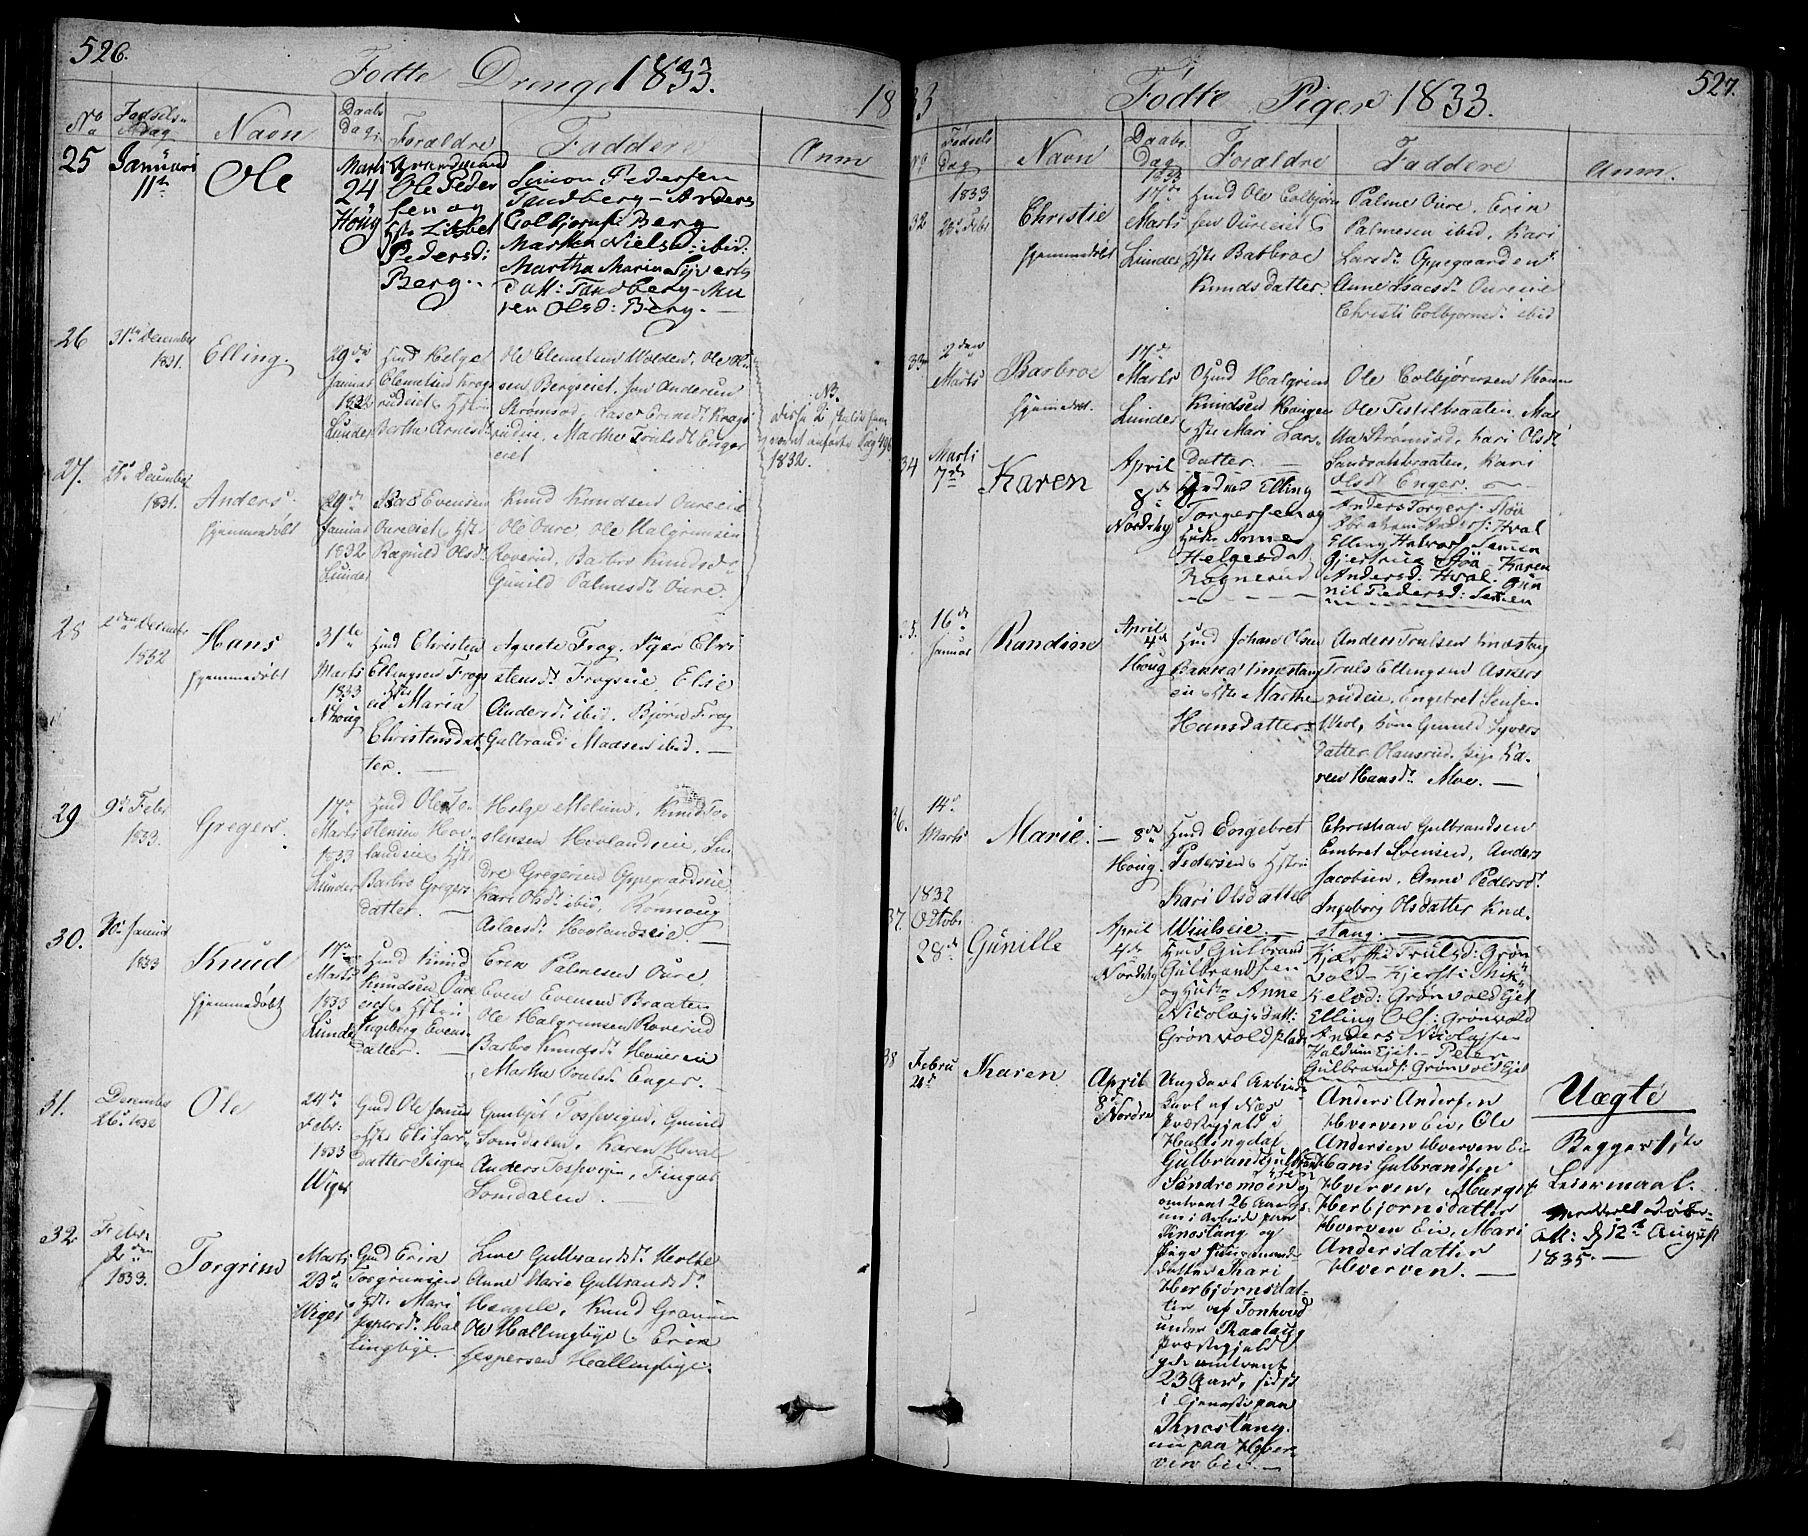 SAKO, Norderhov kirkebøker, F/Fa/L0009: Ministerialbok nr. 9, 1819-1837, s. 526-527